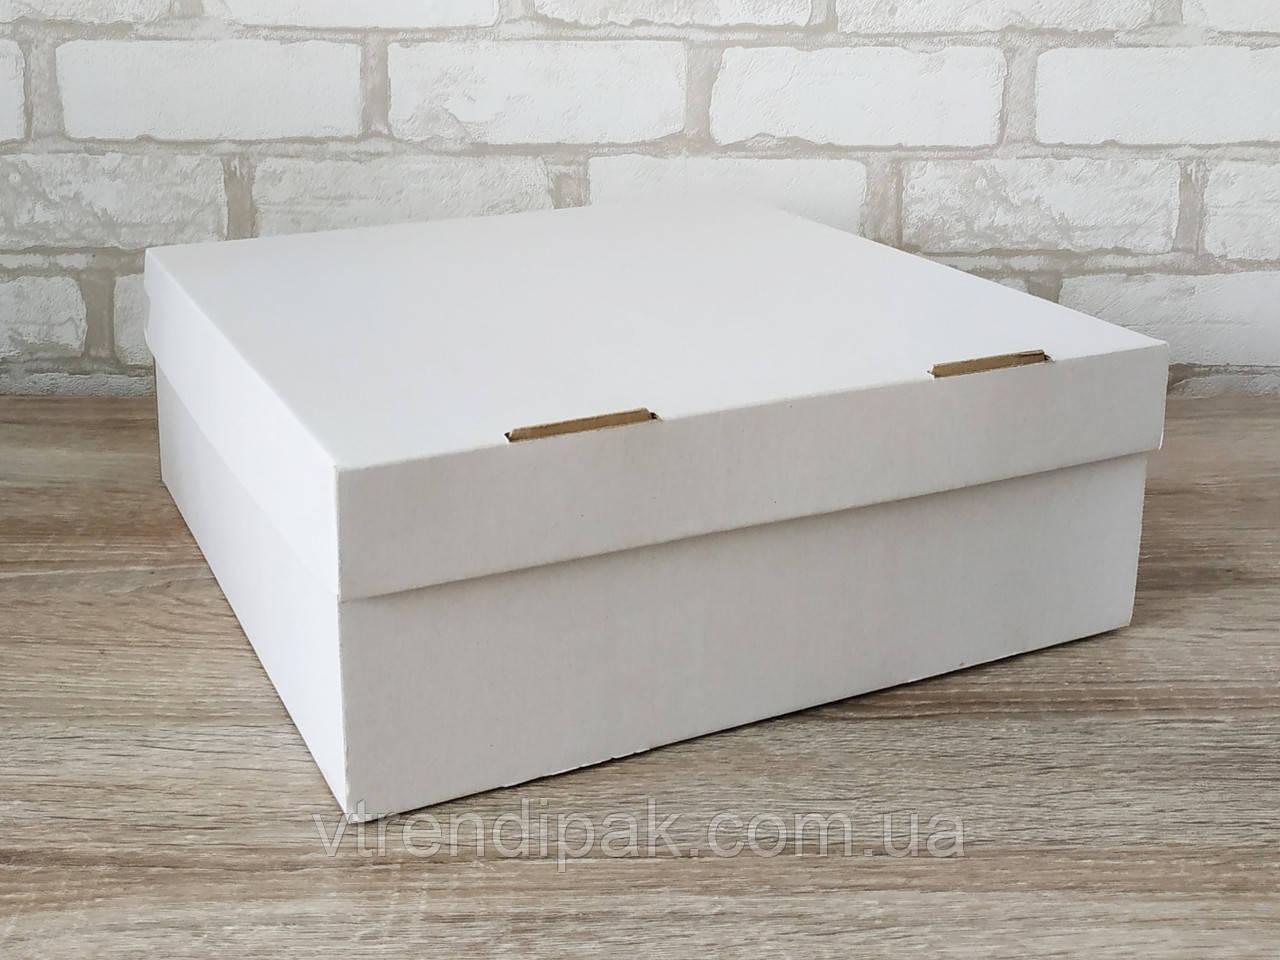 Самозбірна коробка для пирога 300*300*60